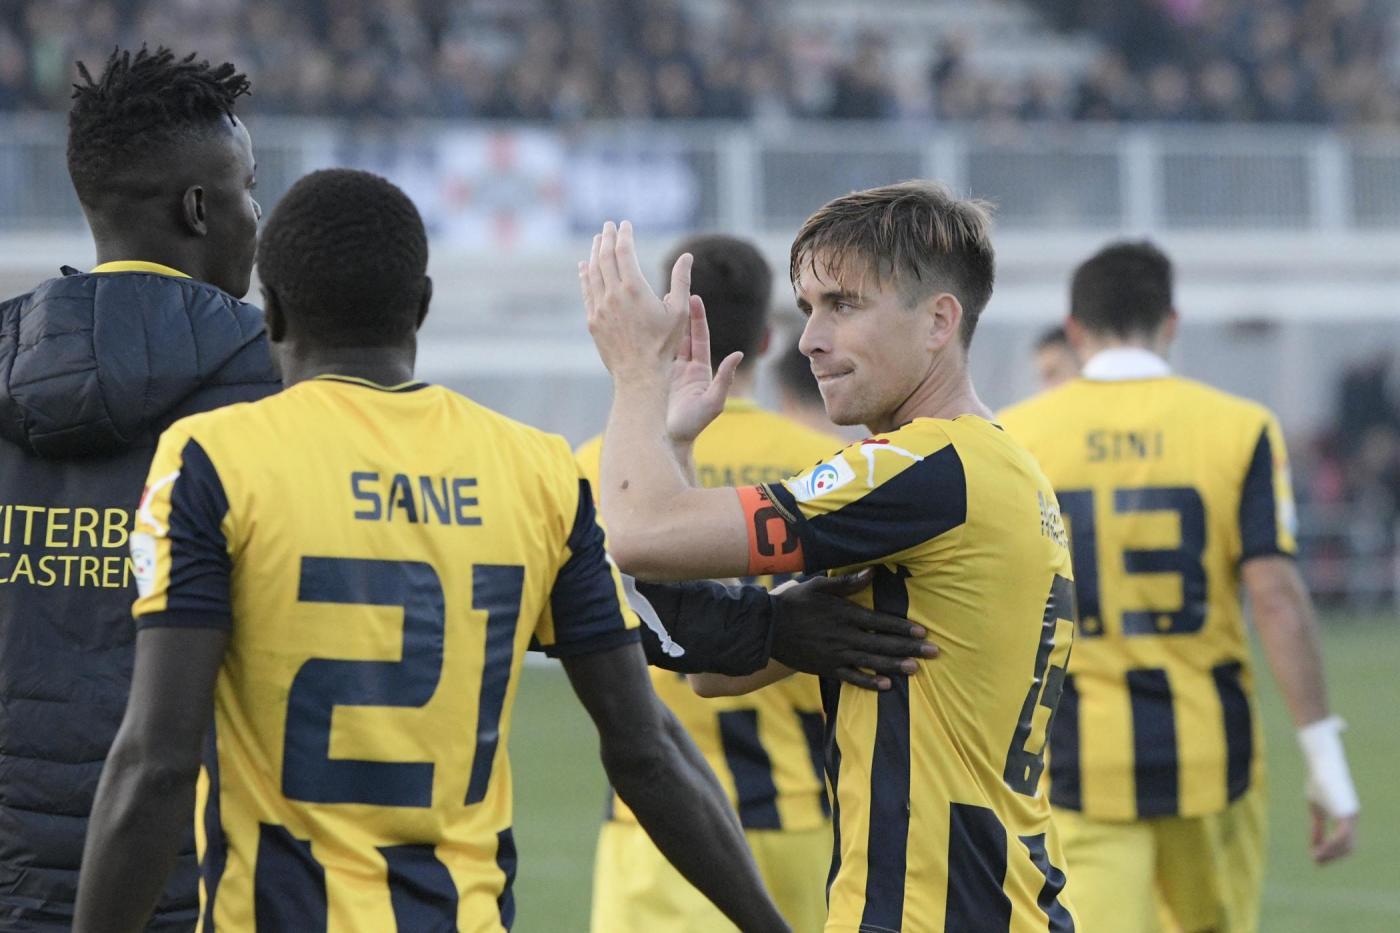 Serie C, Viterbese-Sicula Leonzio martedì 18 settembre: analisi e pronostico della prima giornata della terza divisione italiana, girone C